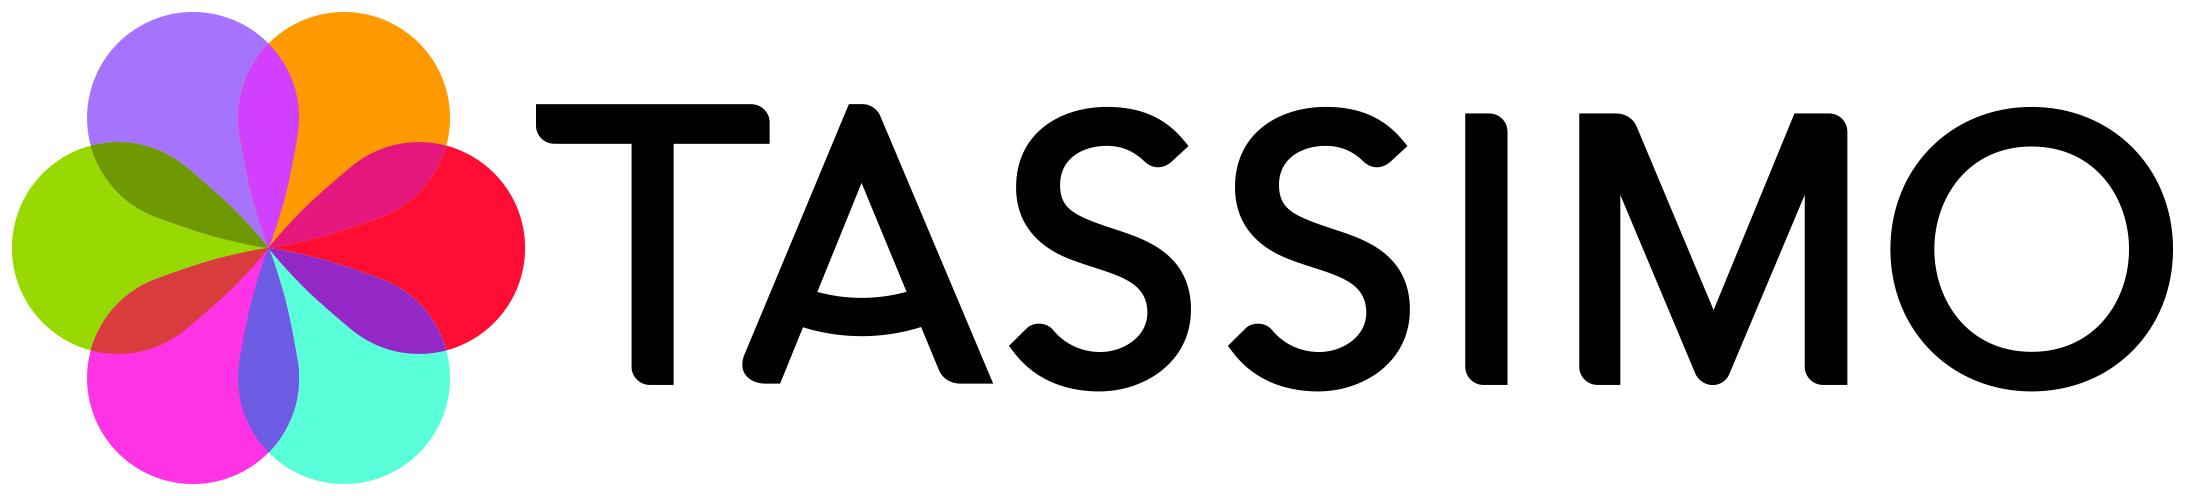 Tassimo logga ny